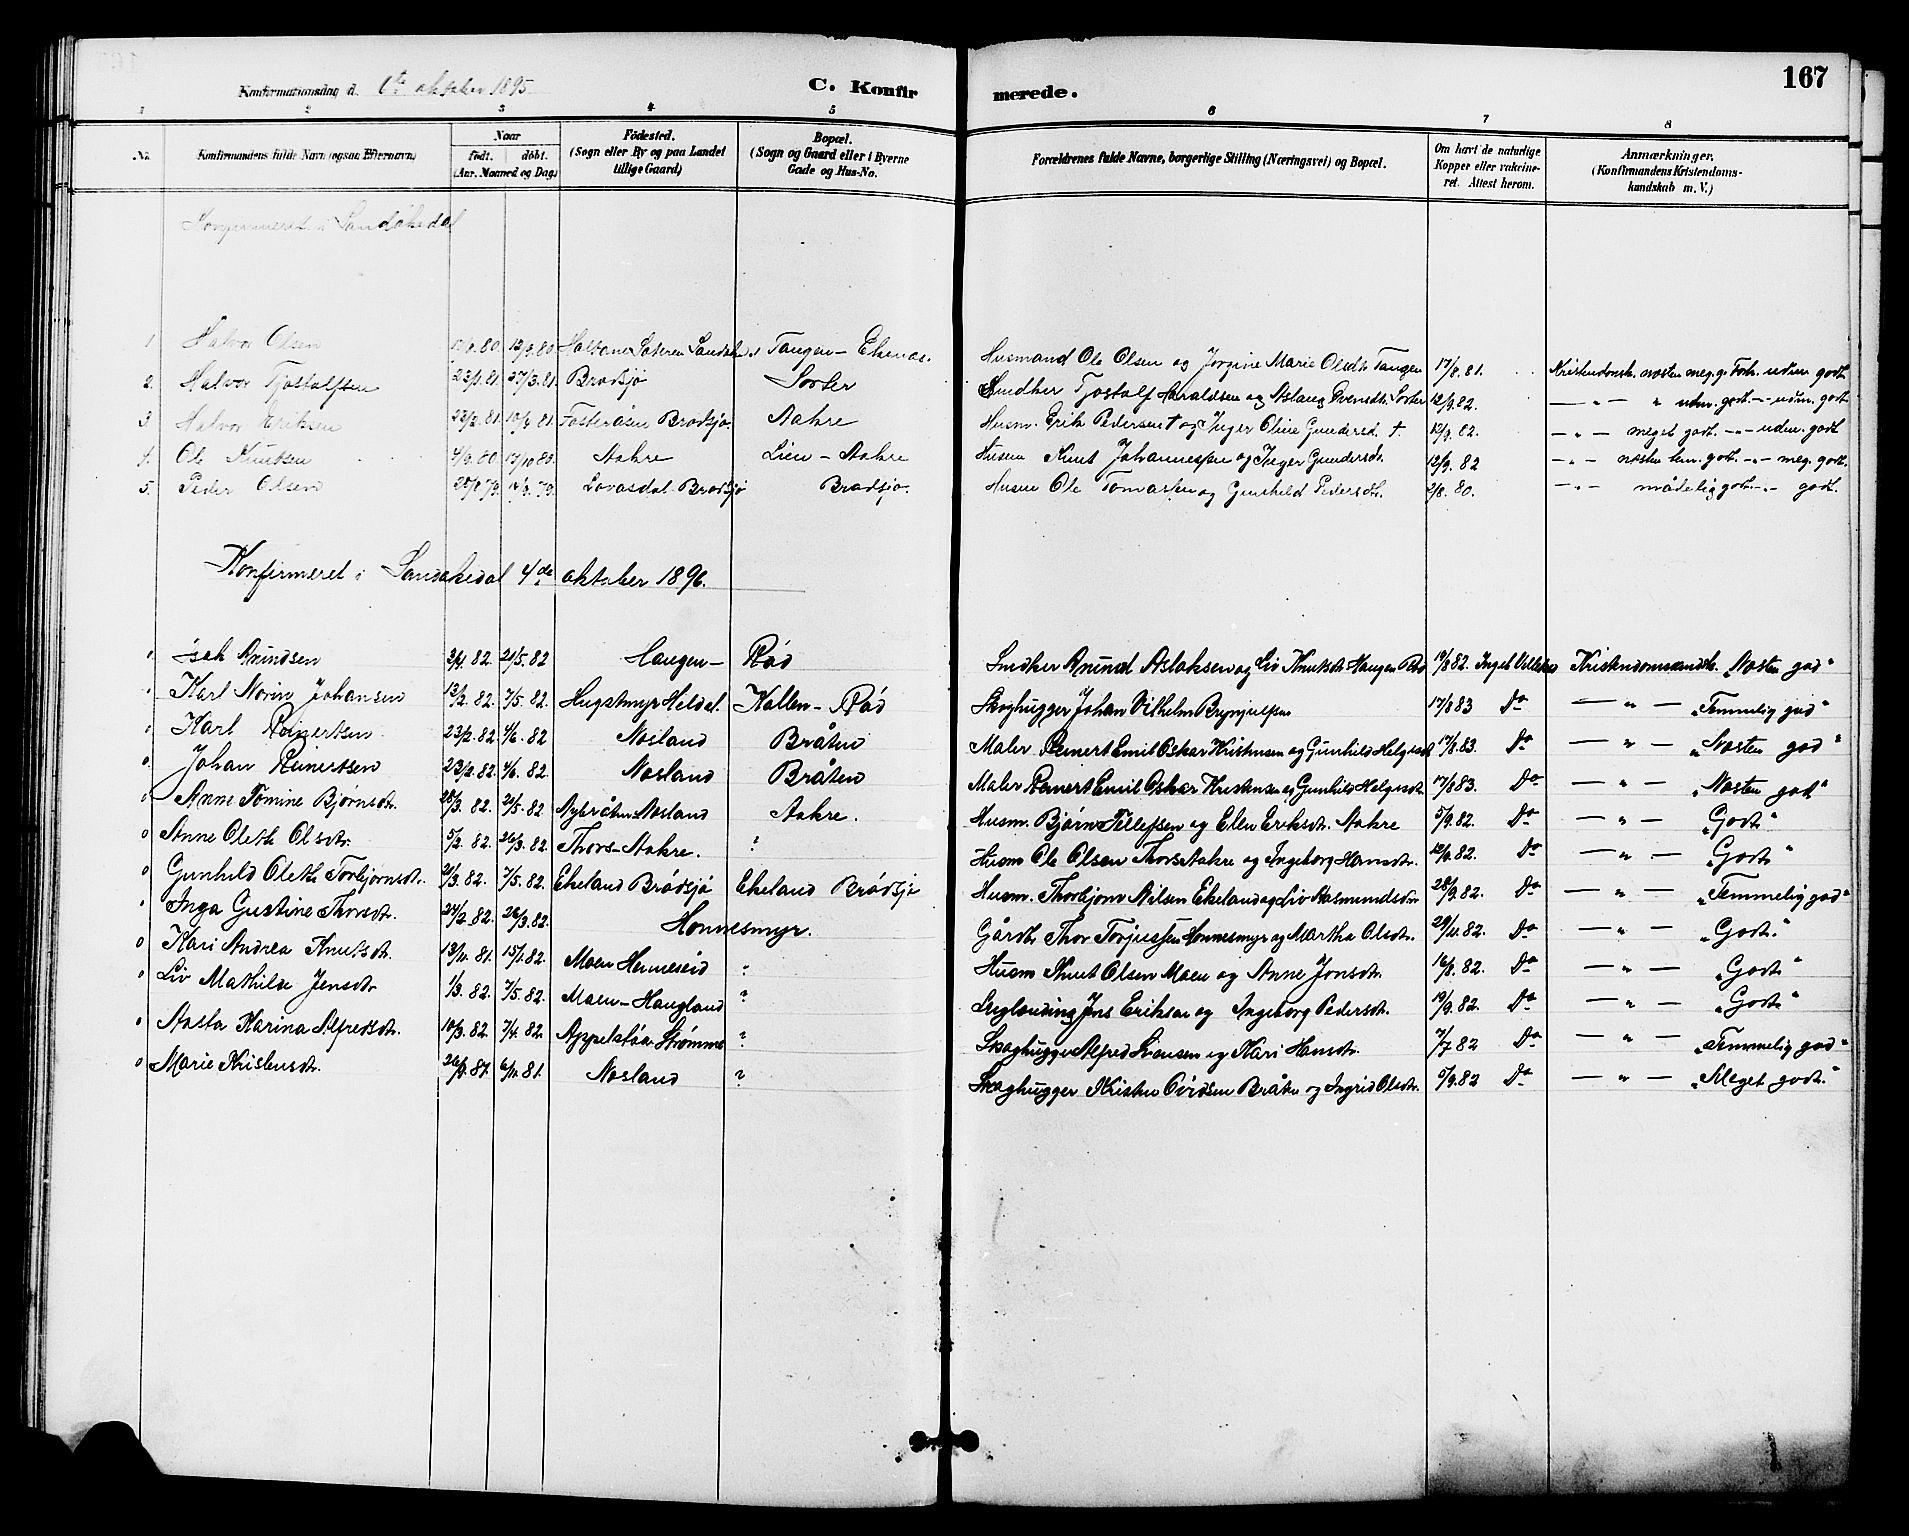 SAKO, Drangedal kirkebøker, G/Ga/L0003: Klokkerbok nr. I 3, 1887-1906, s. 167